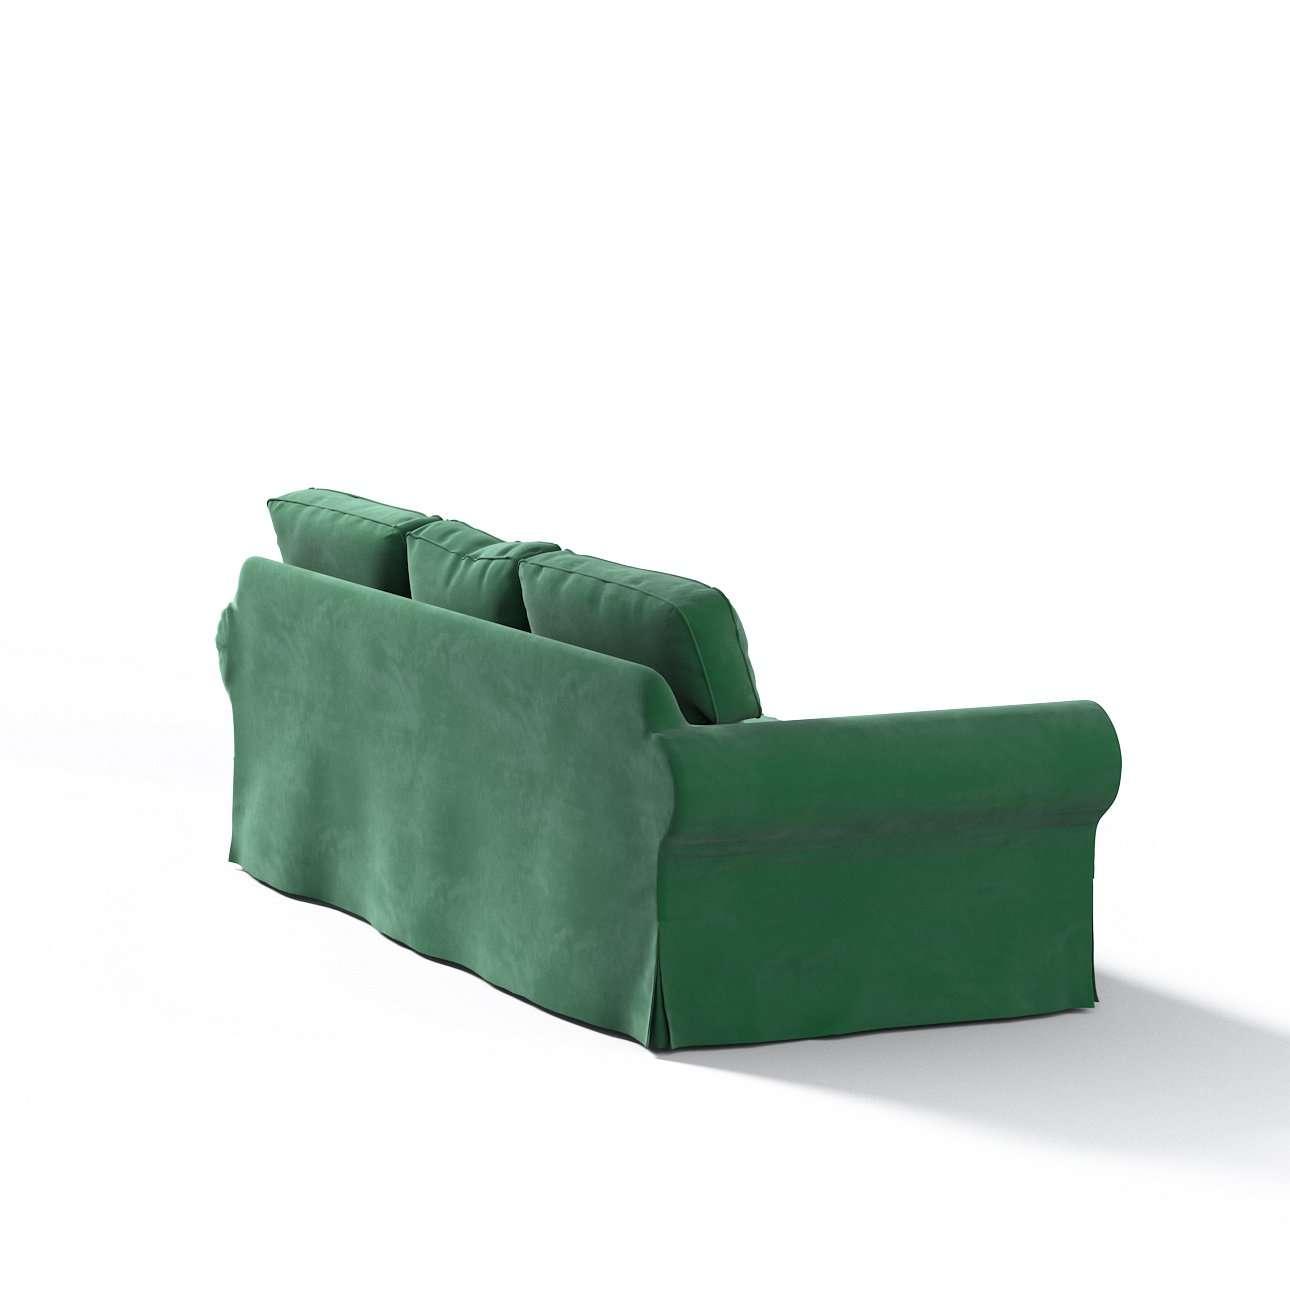 Pokrowiec na sofę Ektorp 3-osobową, nierozkładaną w kolekcji Velvet, tkanina: 704-13